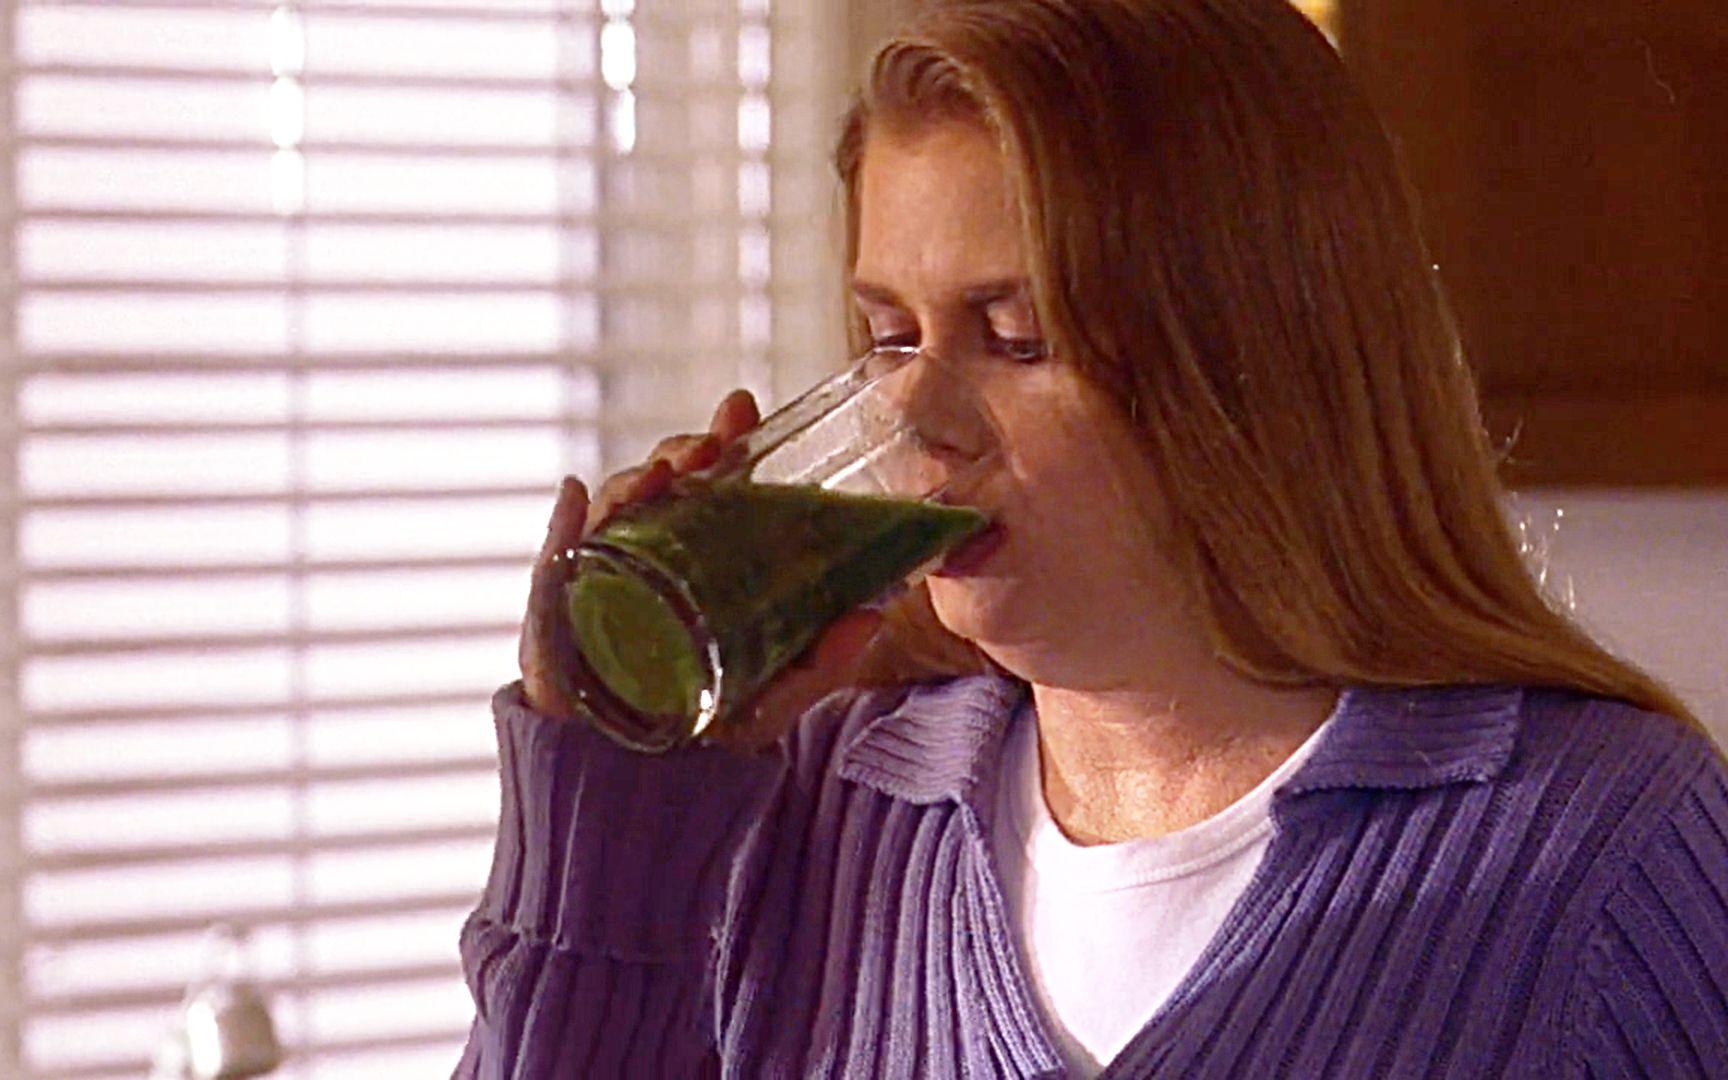 胖女孩喝下神奇蔬菜汁,一夜减重30斤,却不知恐怖的事要发生了